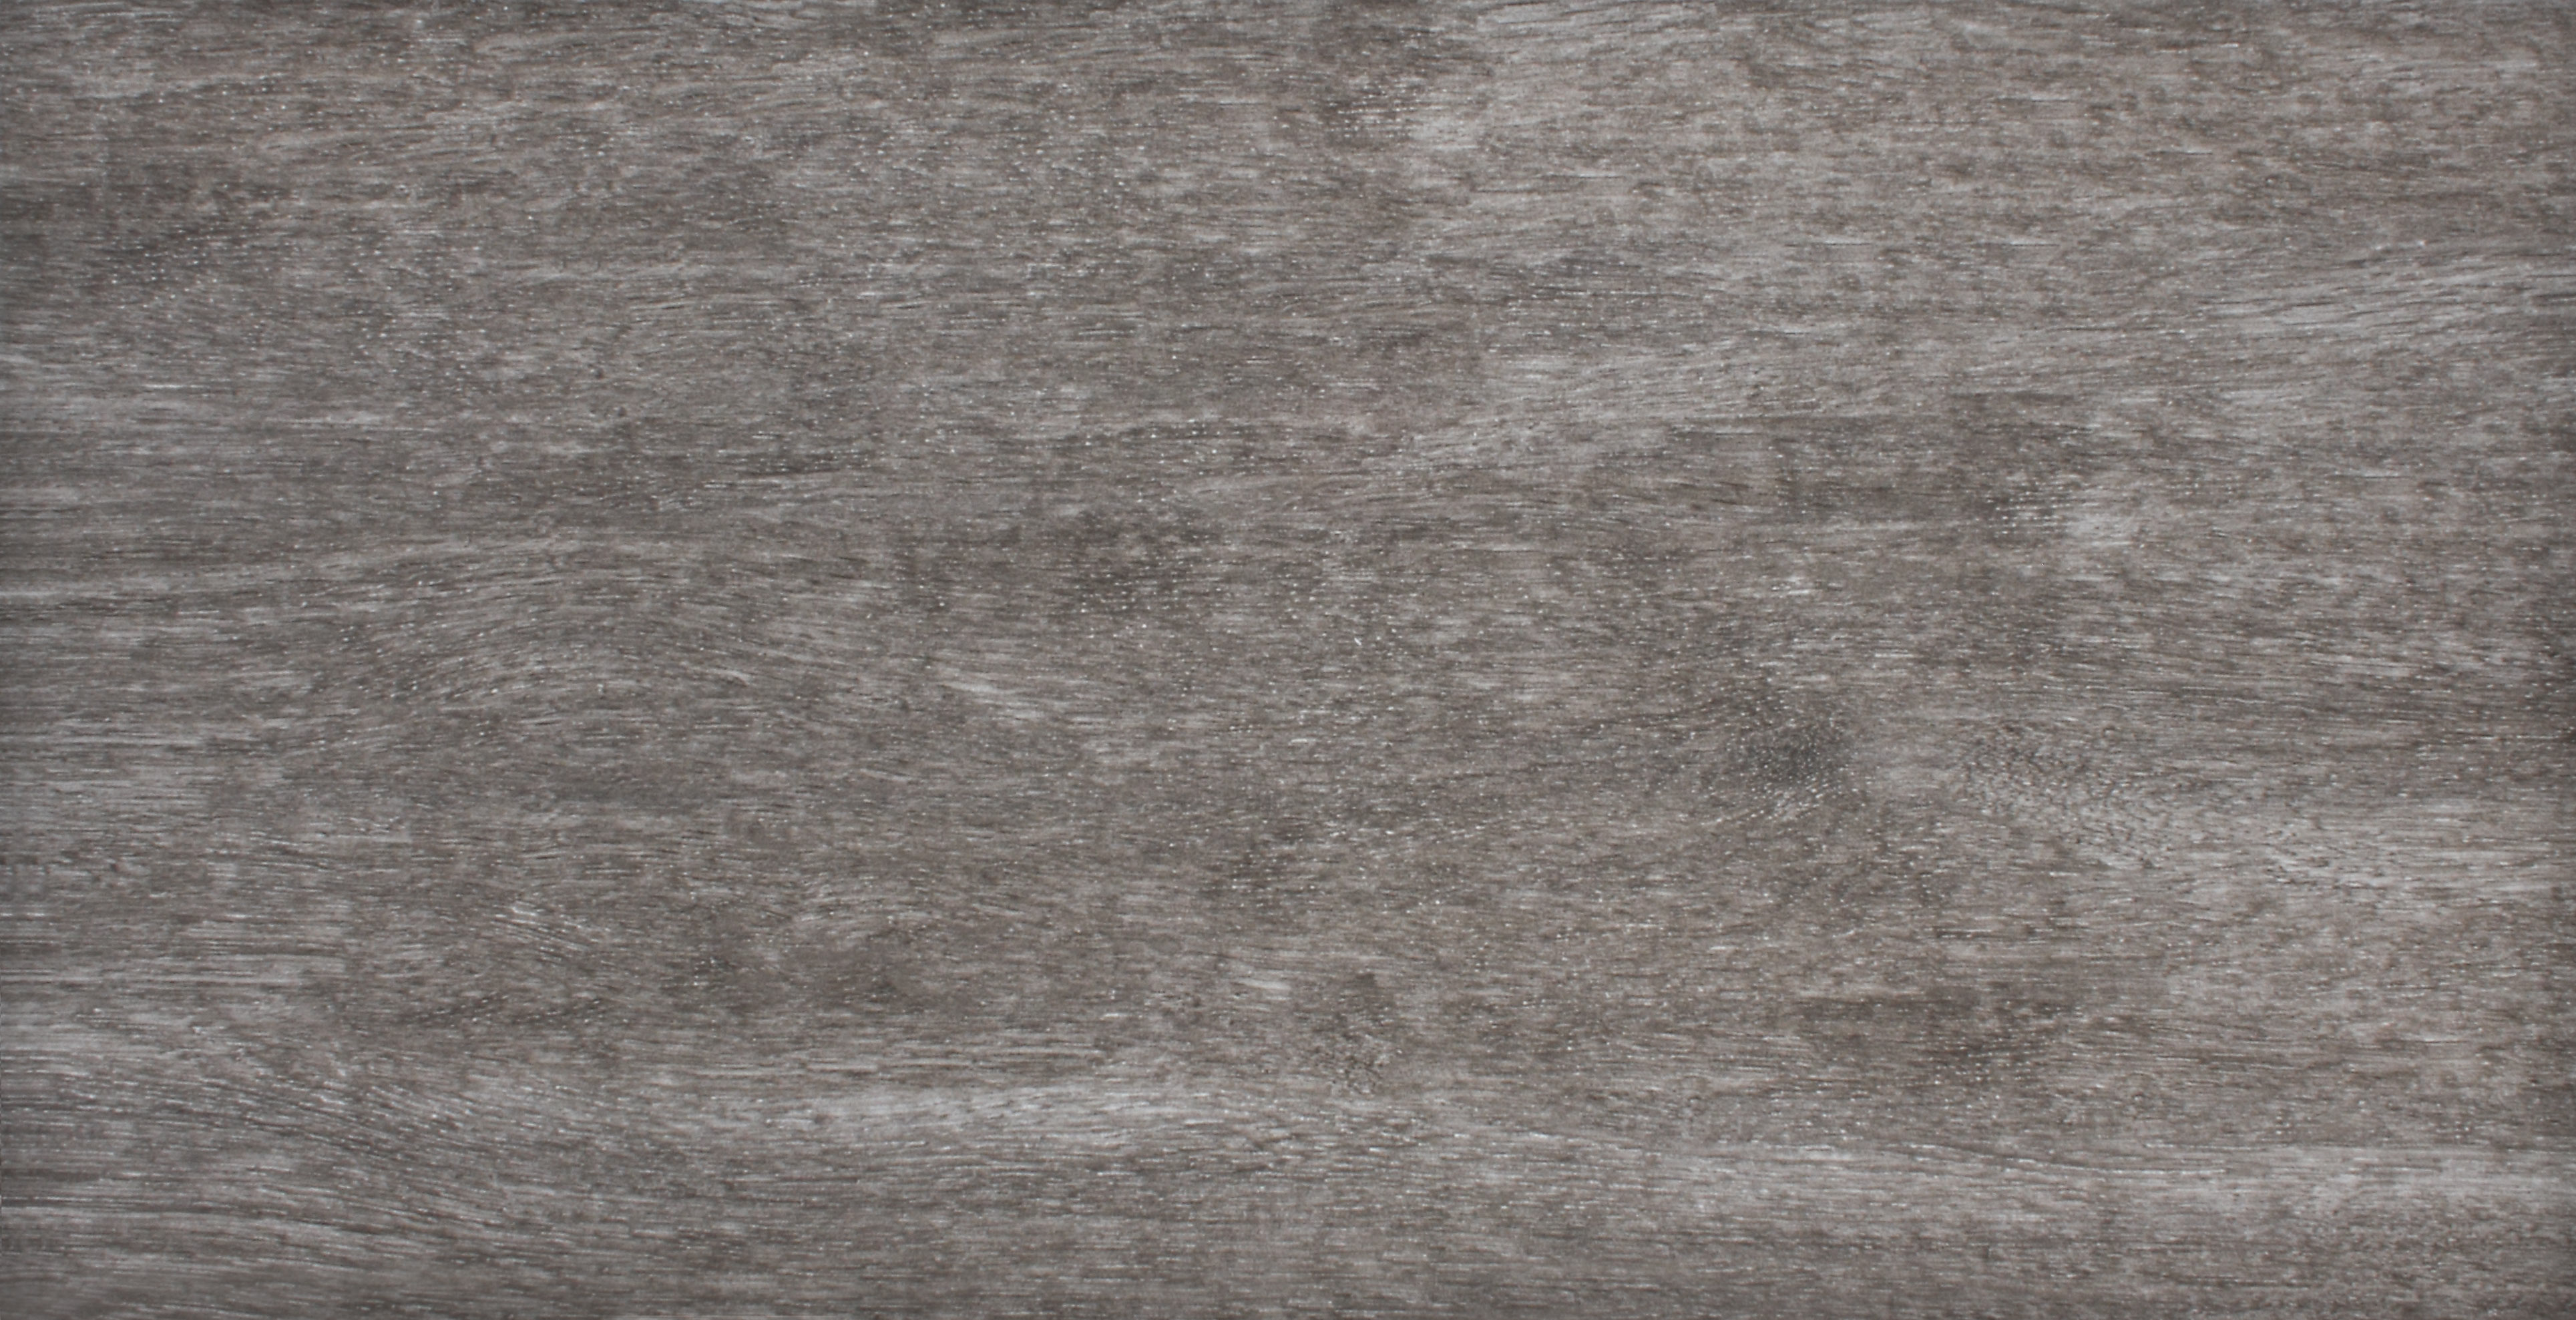 JÄÄK 84b Oregon dunkelgrau ORG835 30x60 - Hansas Plaadimaailm